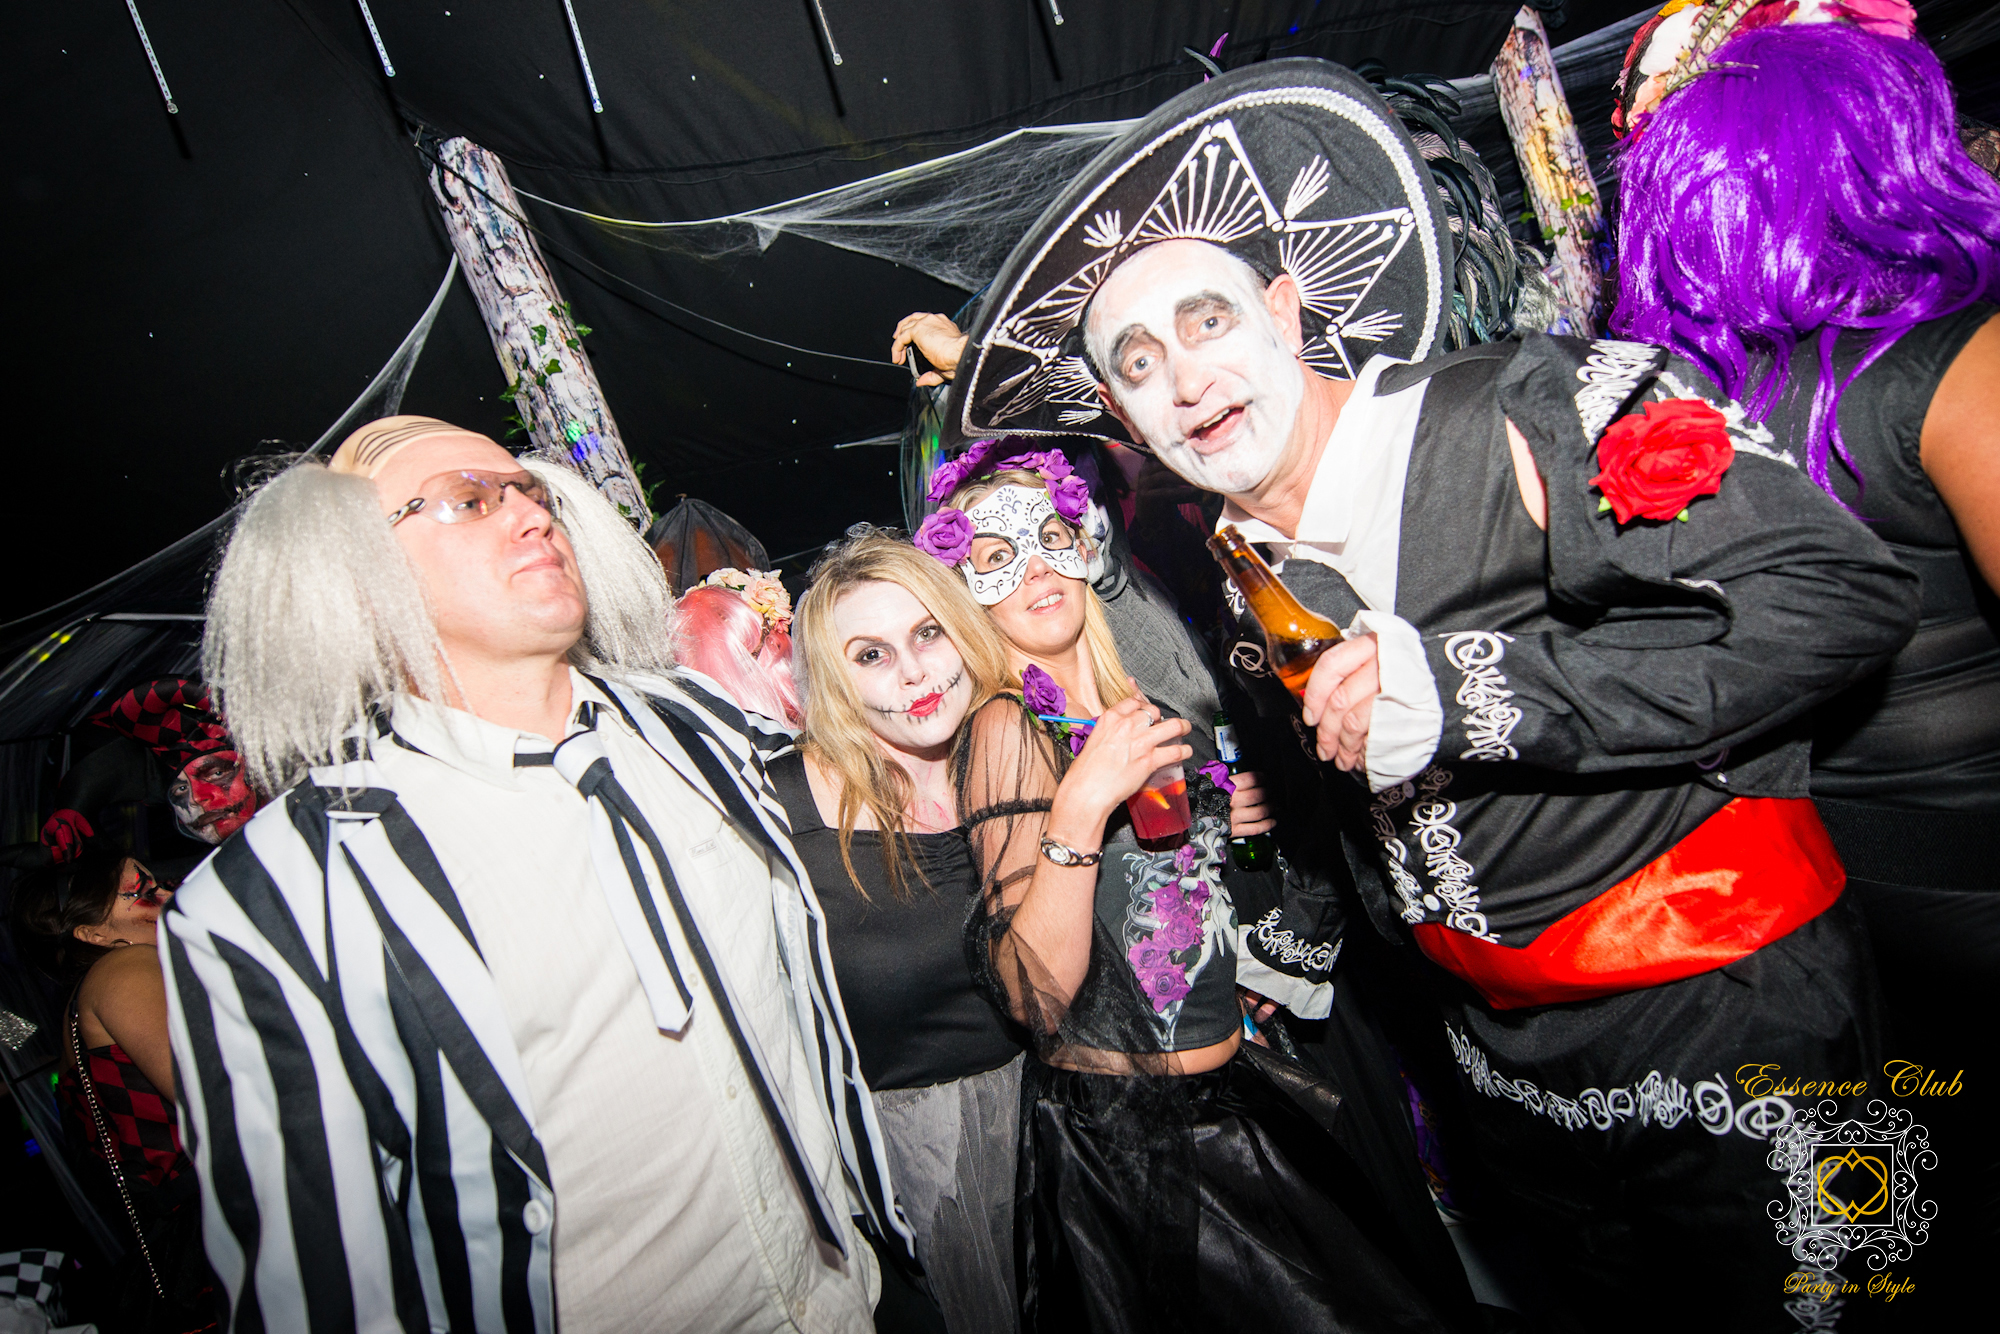 Essence club halloween people